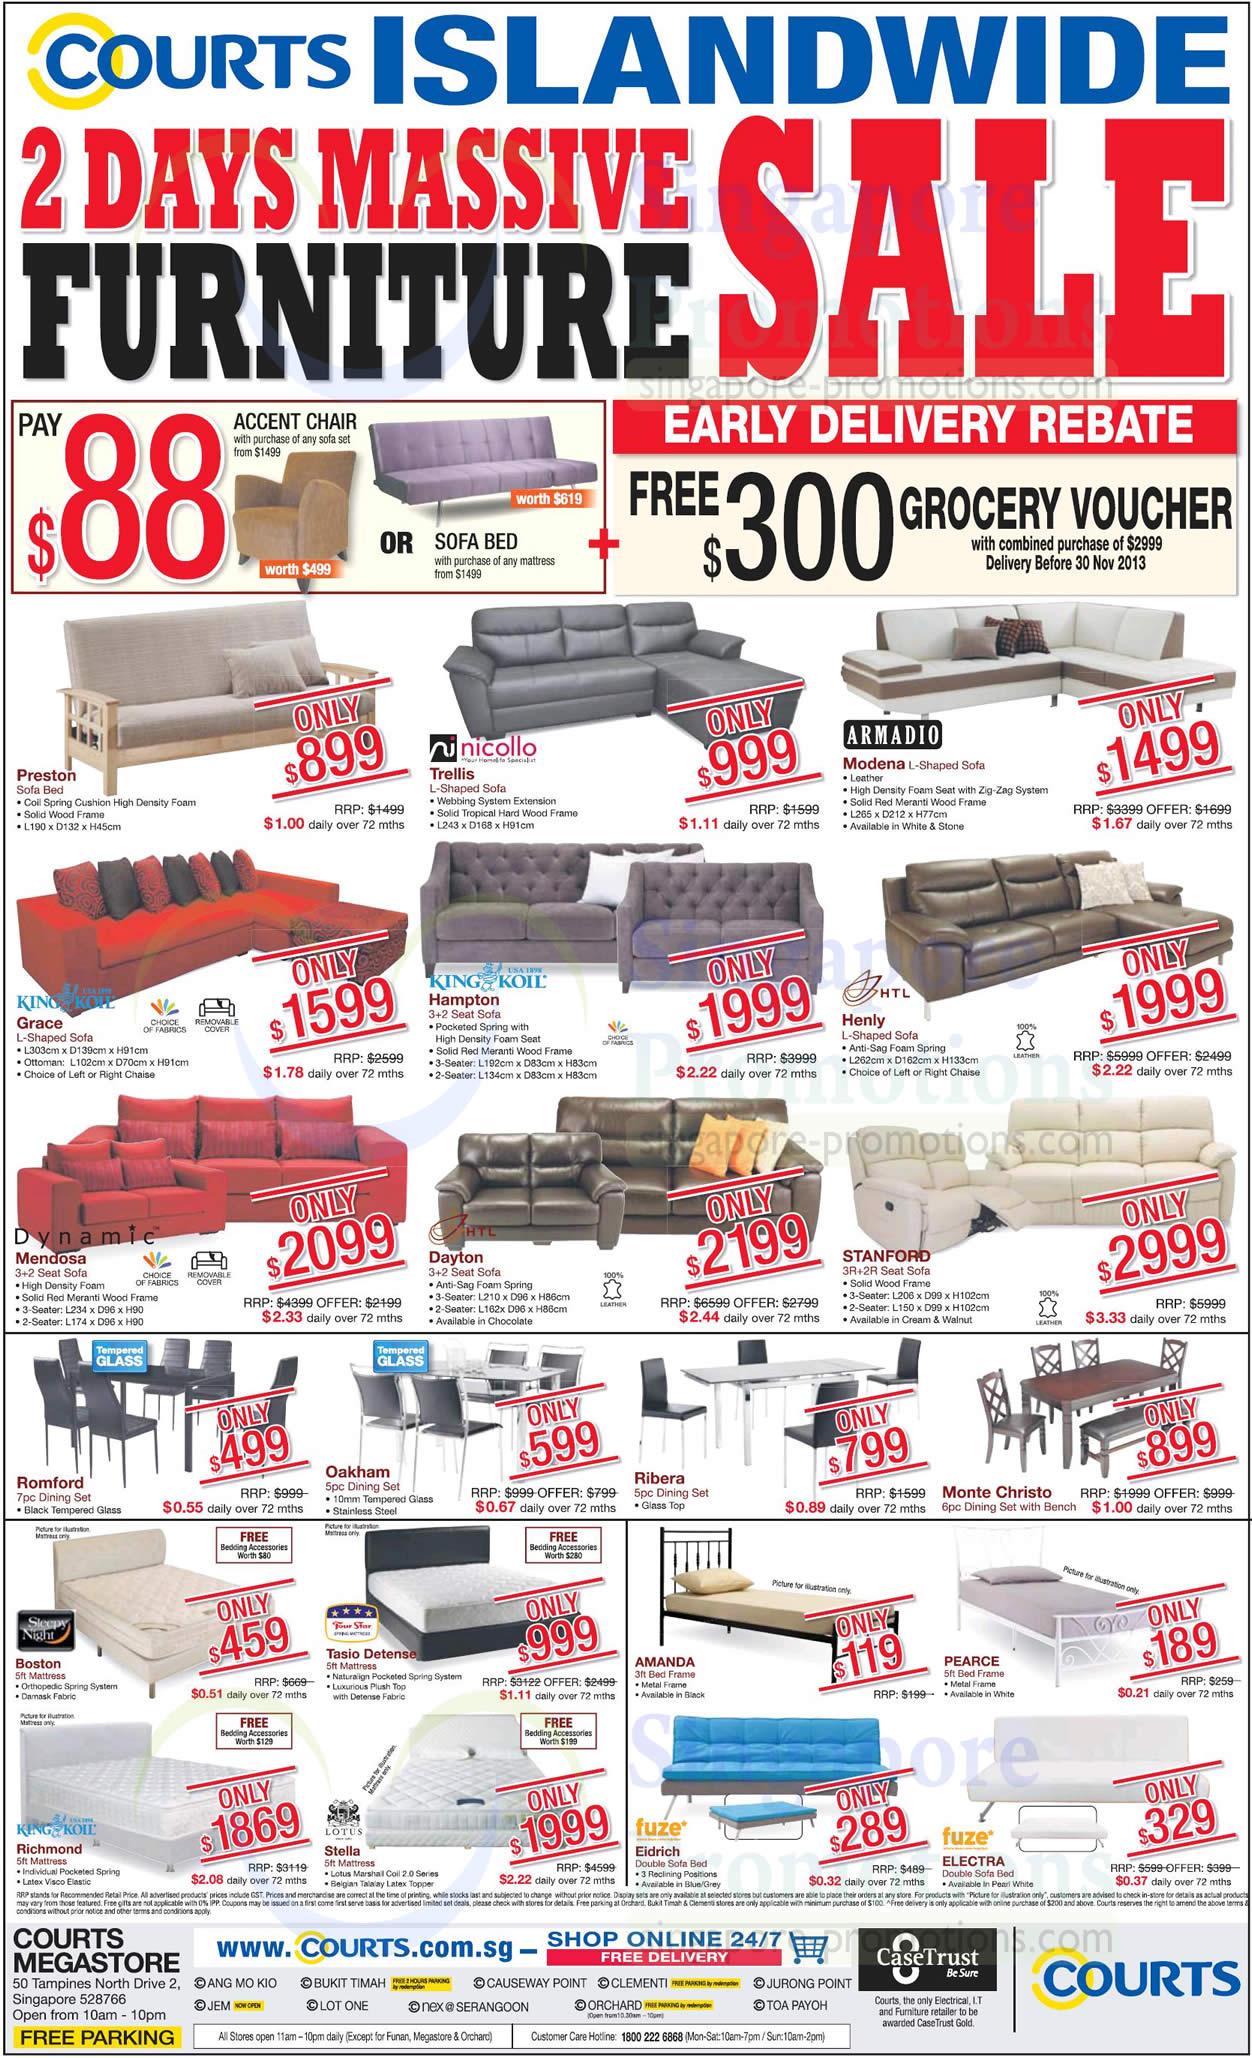 3 Nov Sofa Sets, Dining Sets, Bed Frames, Mattresses